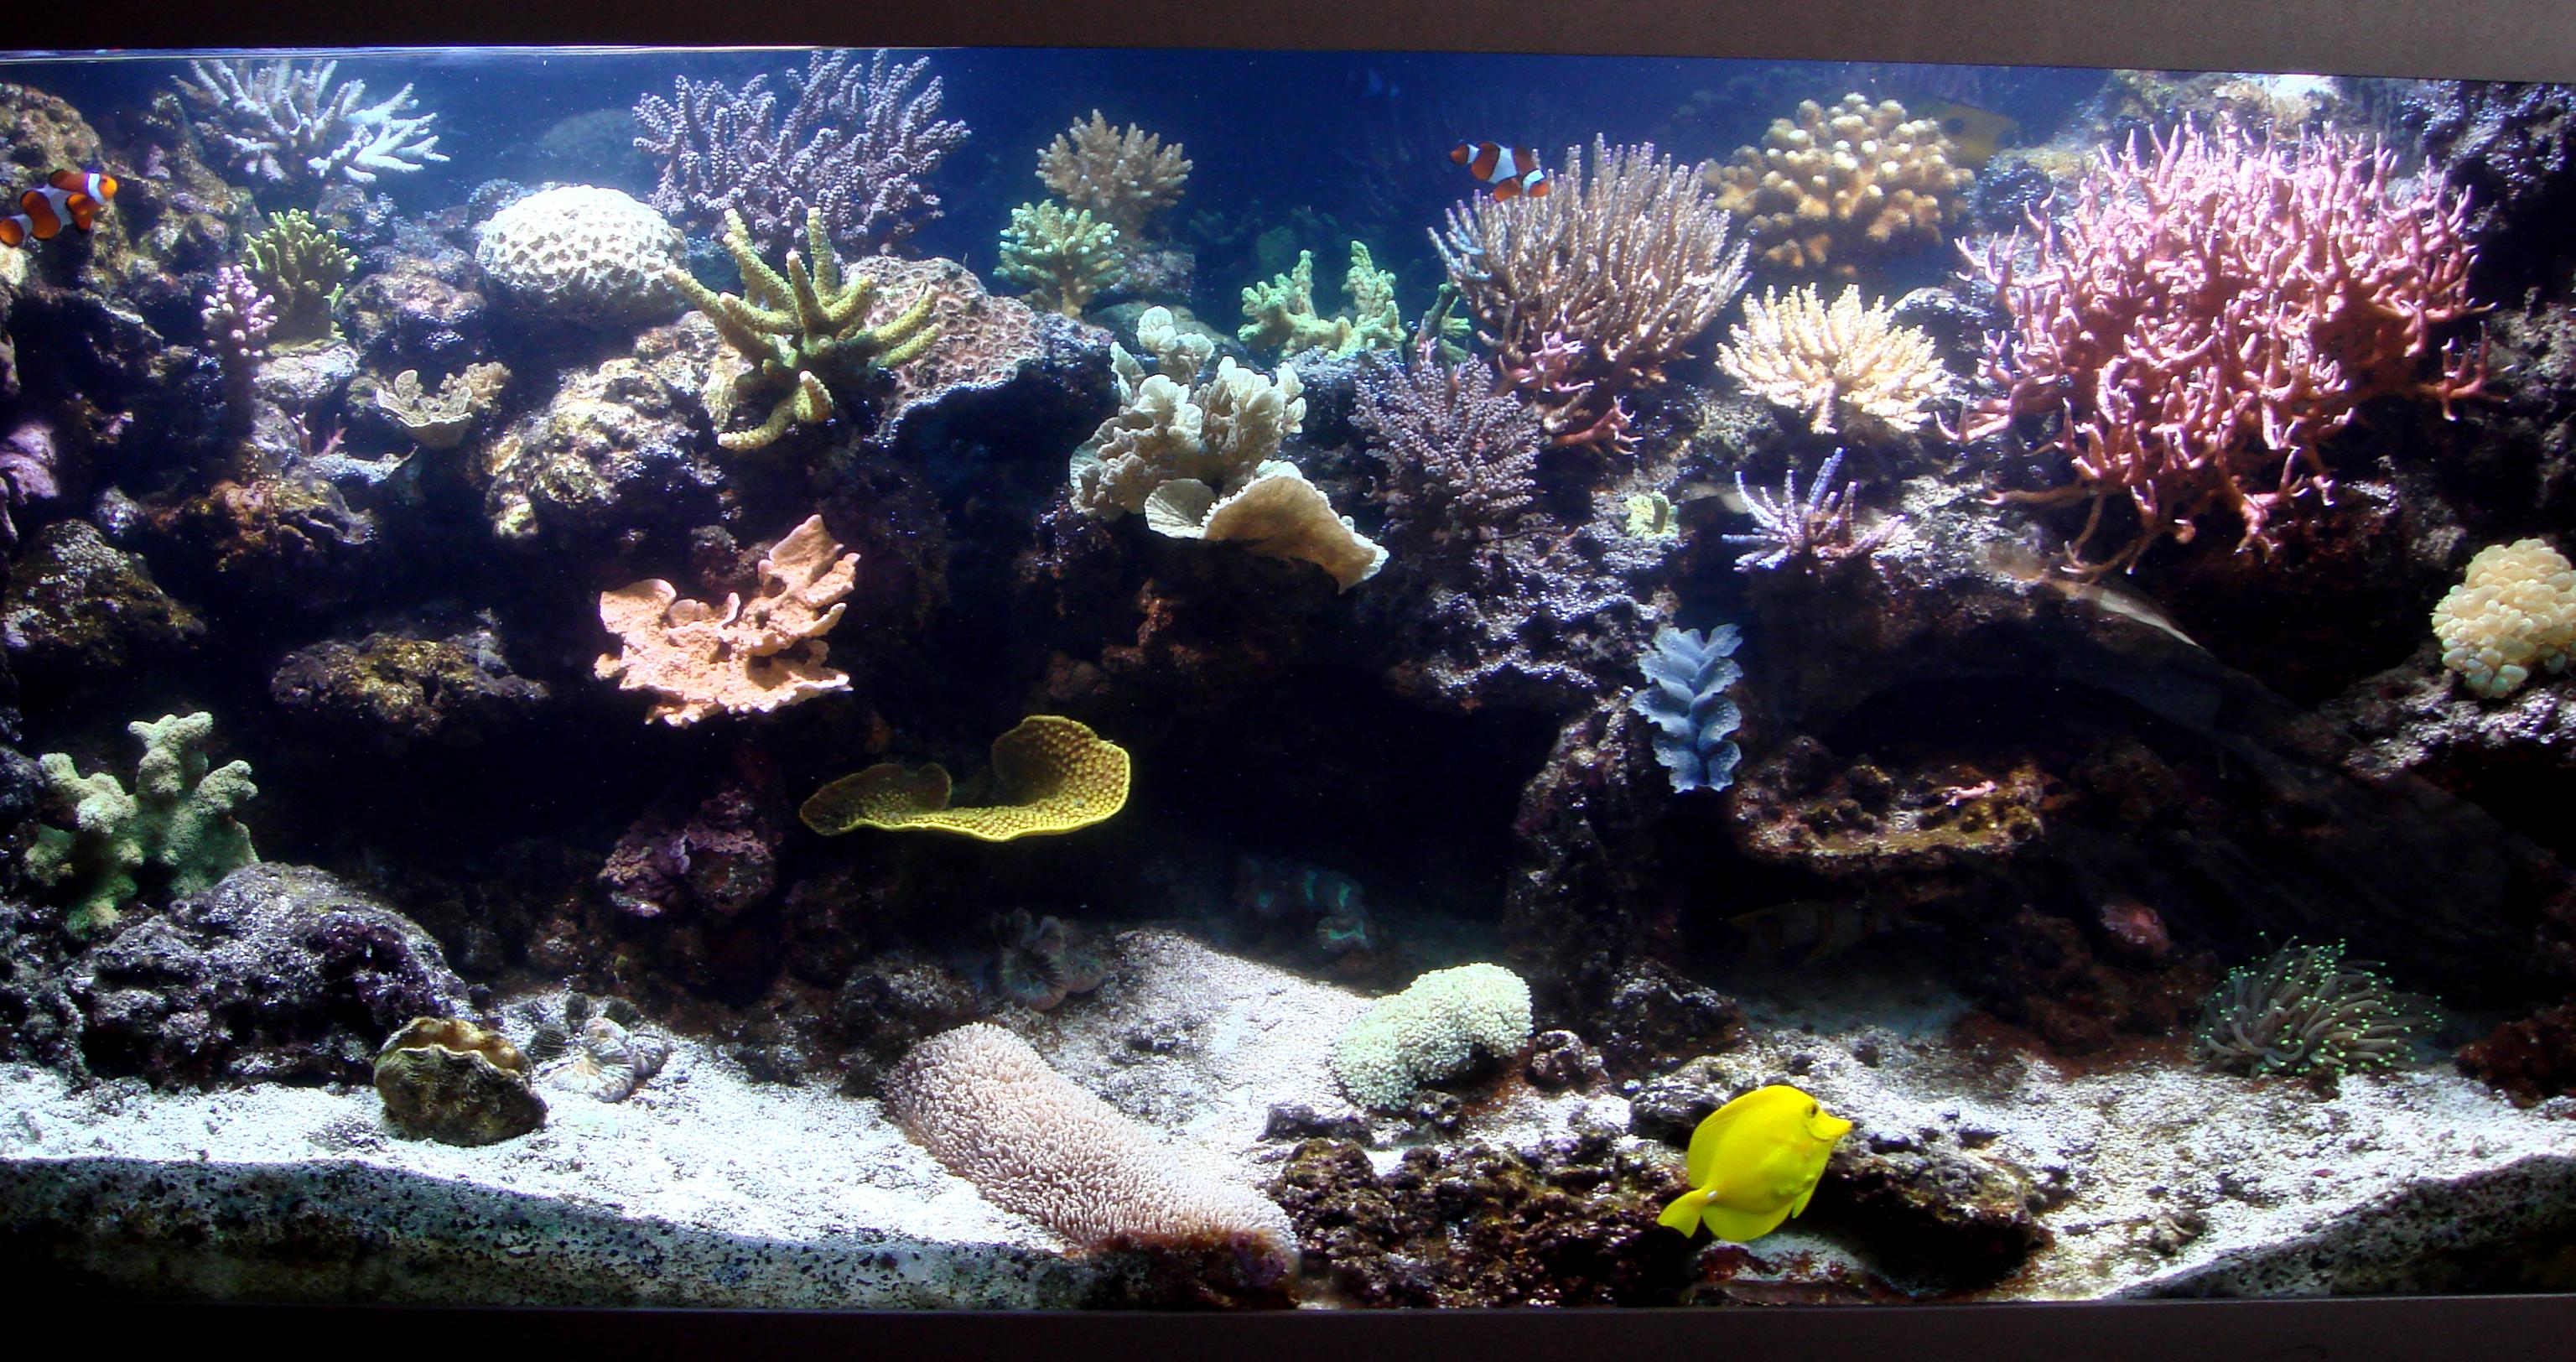 Морское оформление «Риф с жесткими кораллами». Архив. 2007 год.